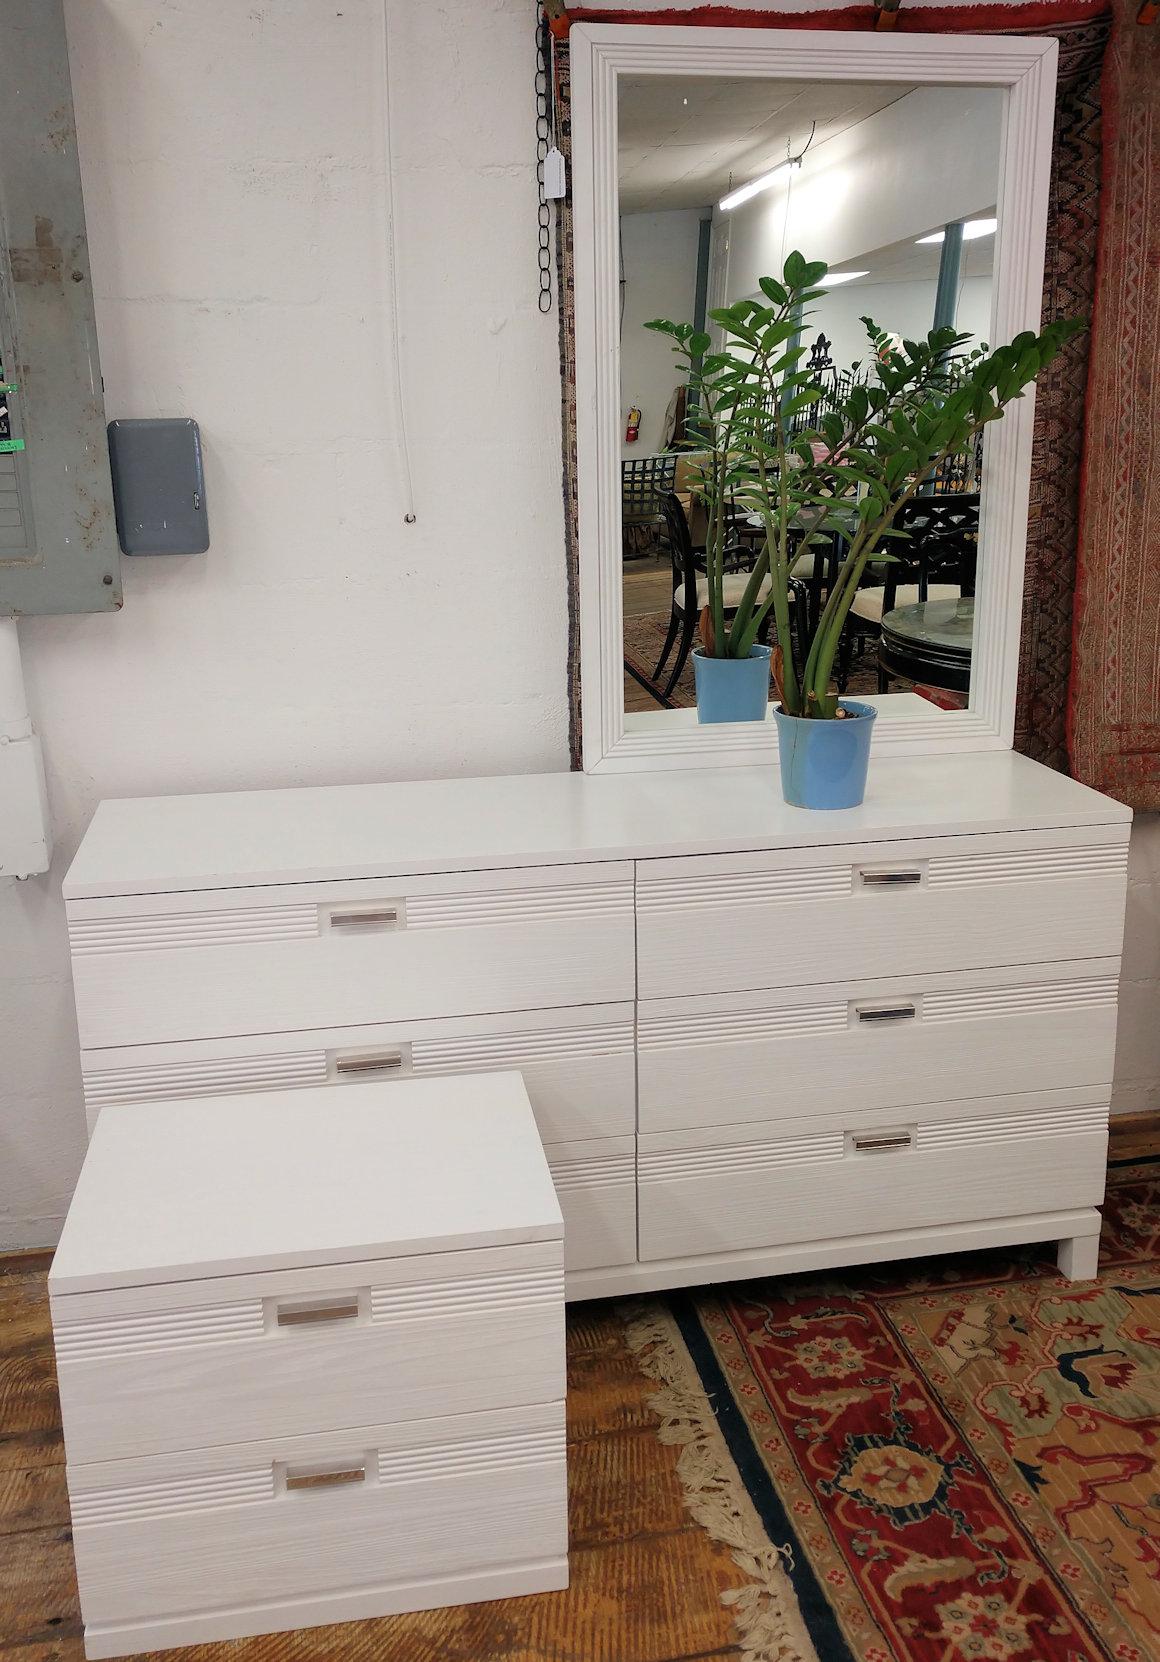 BR0122-Dresser-offcenter-mirror